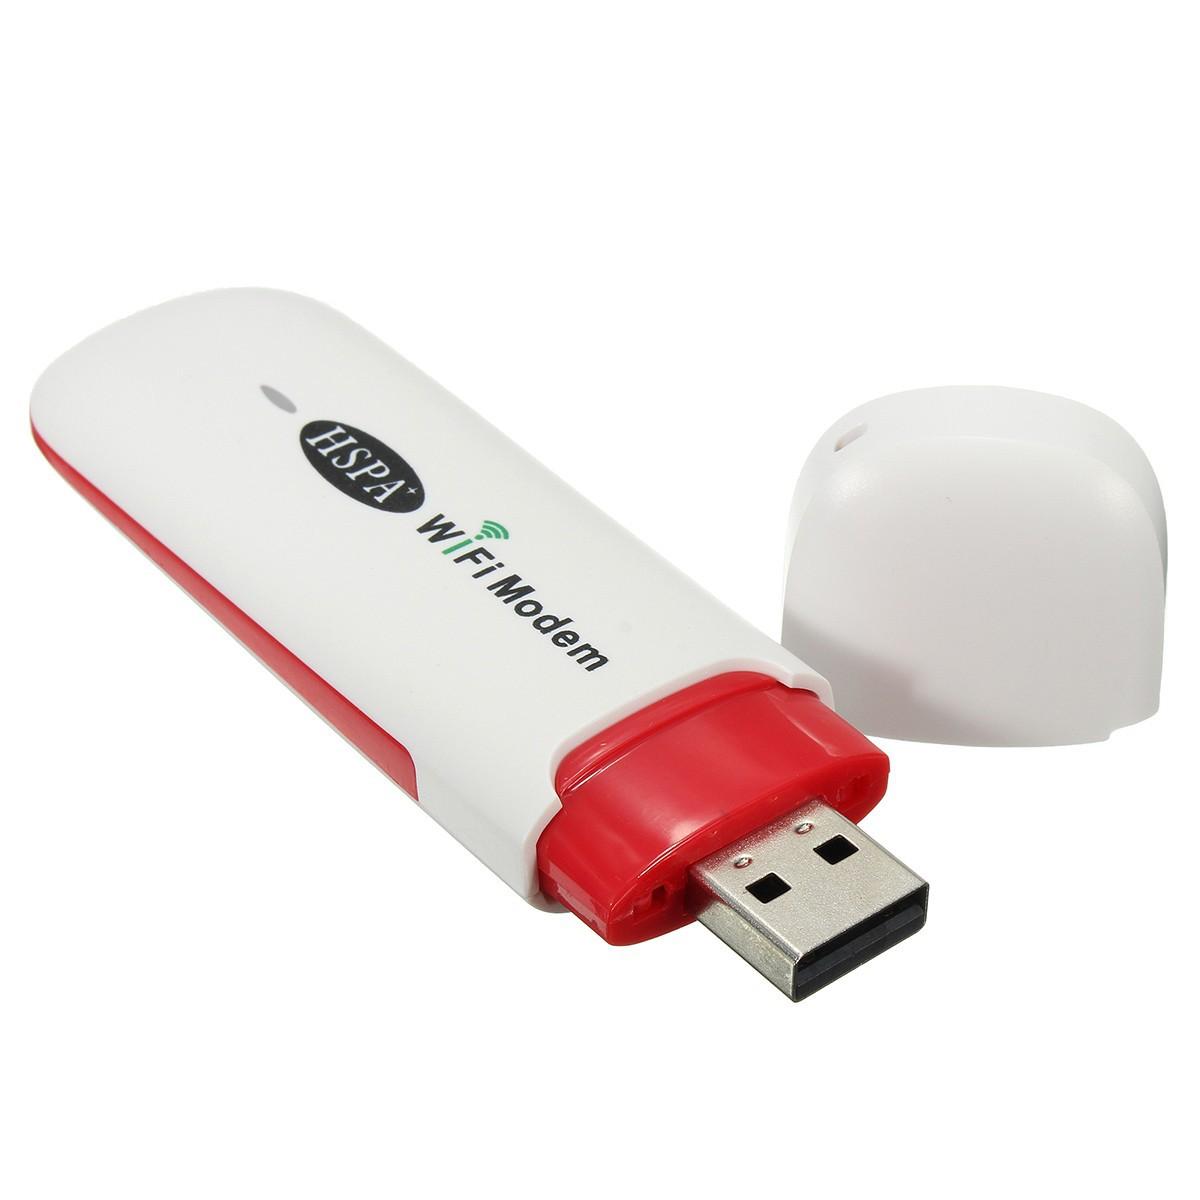 USB 3G/4G không dây HSPA + dongle Ufi